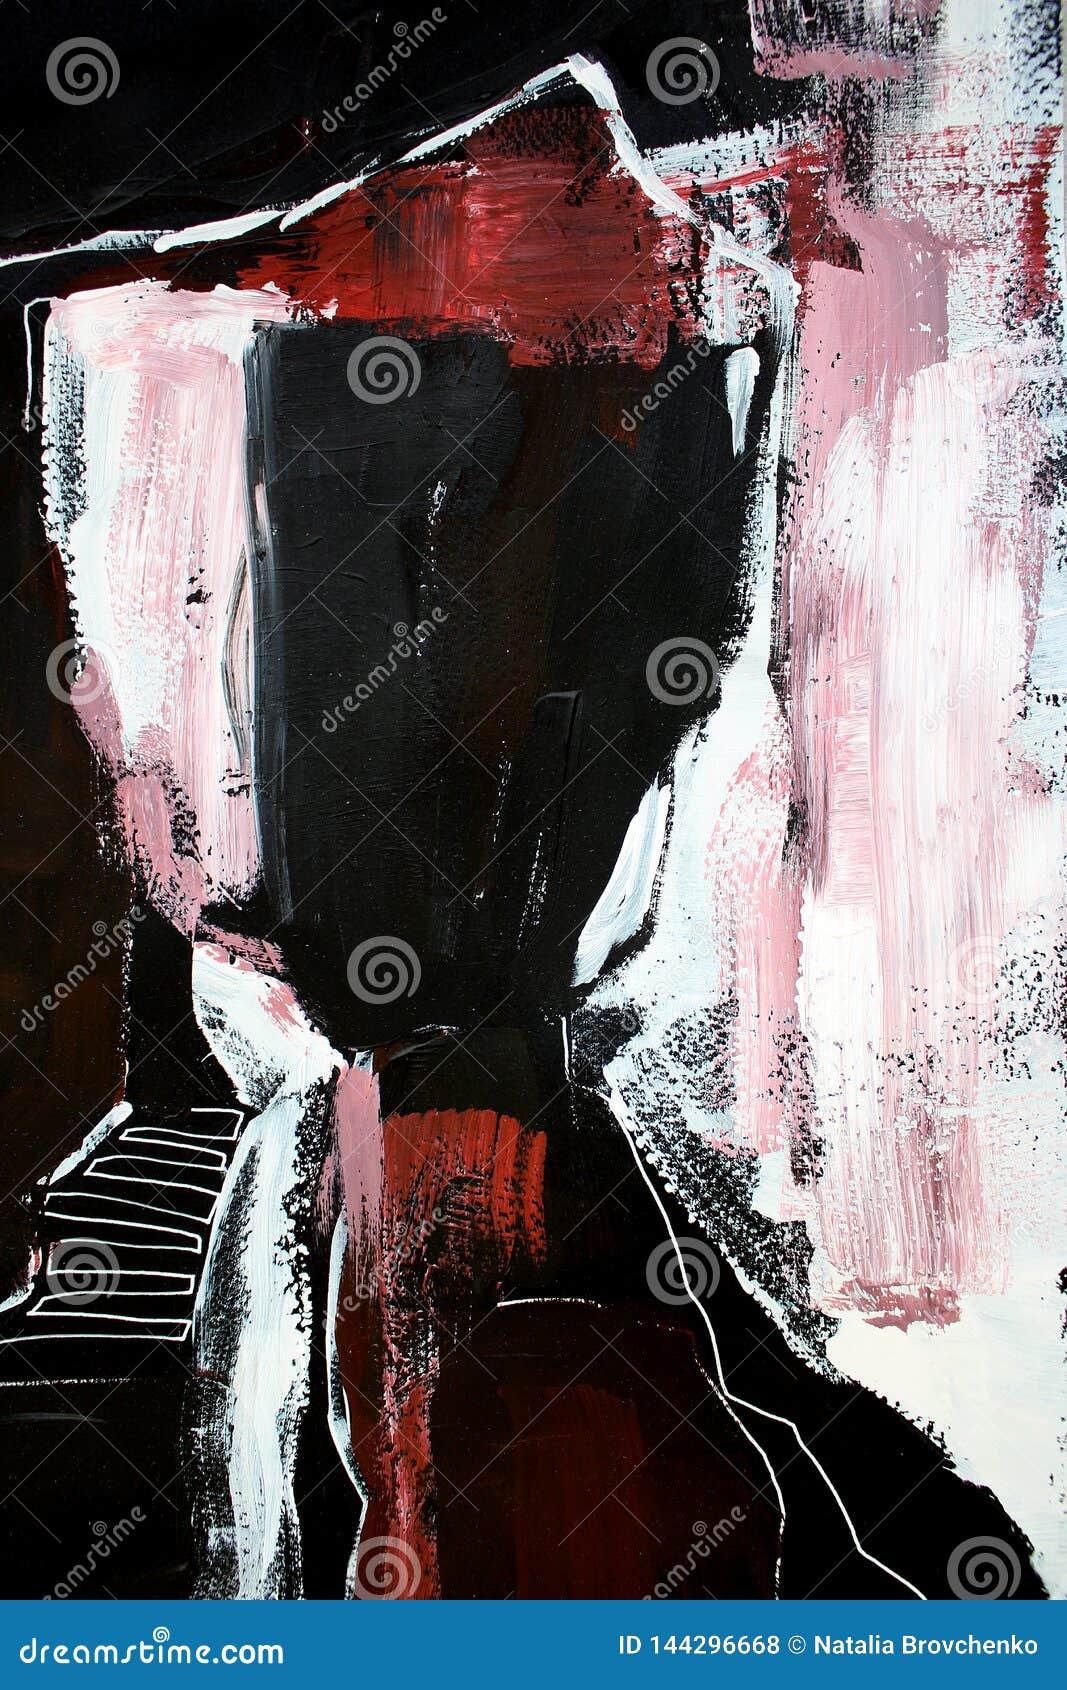 Svarta röda färger på kanfas abstrakt konstbakgrund Färgtextur Fragment av konstverk abstrakt kanfasmålning